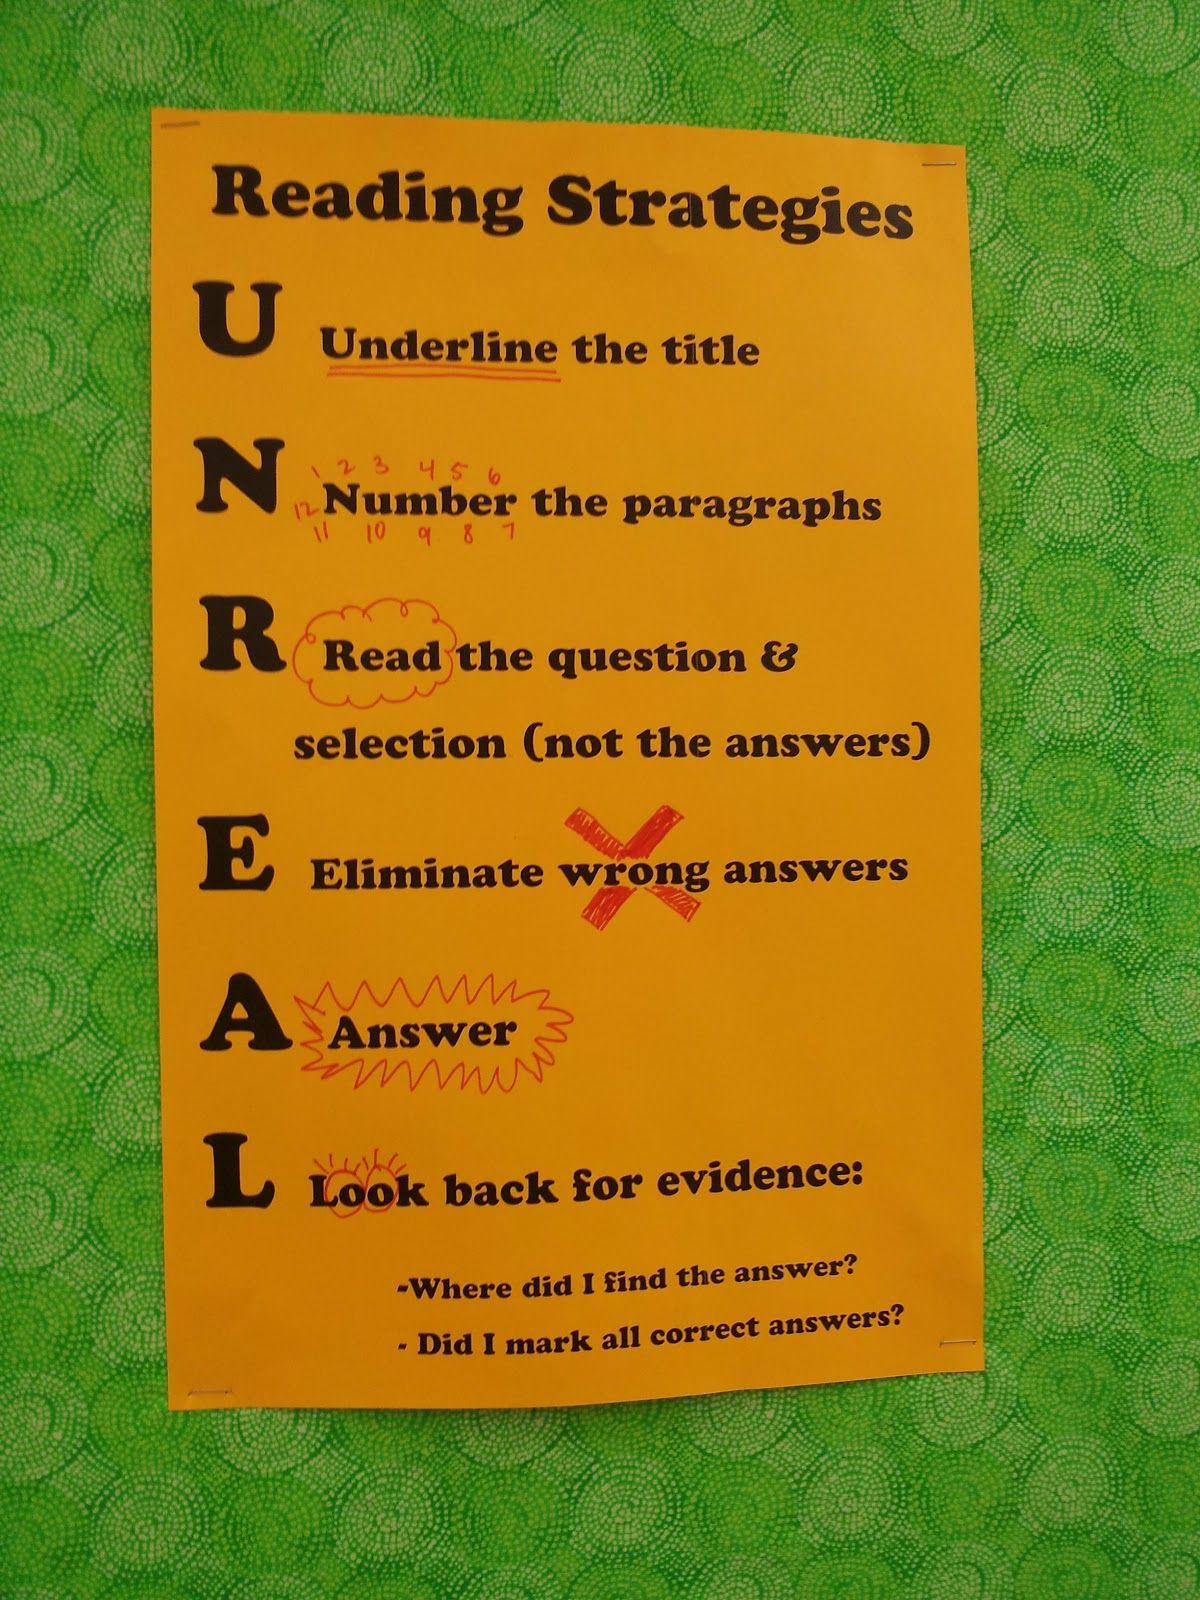 Unreal Reading Strategies Anchor Chart For Esl Amp Ells Emerald City Classroom Set Up